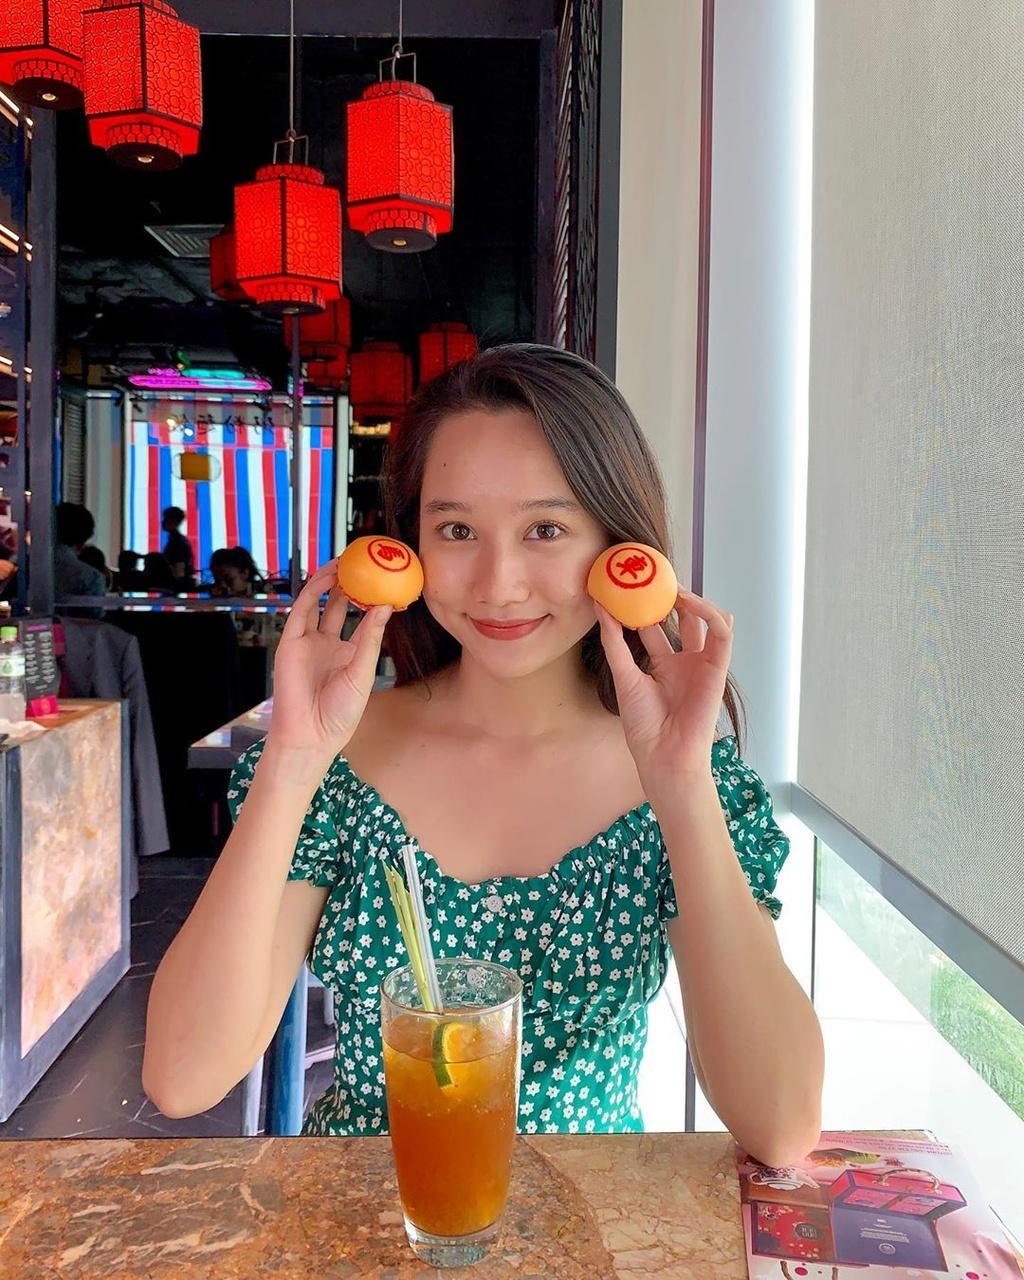 Ha Lan 'Mat biec' chuong style nang tho, Hong thich kieu truong thanh hinh anh 7 66675238_137979007439630_1855332493228653614_n.jpg